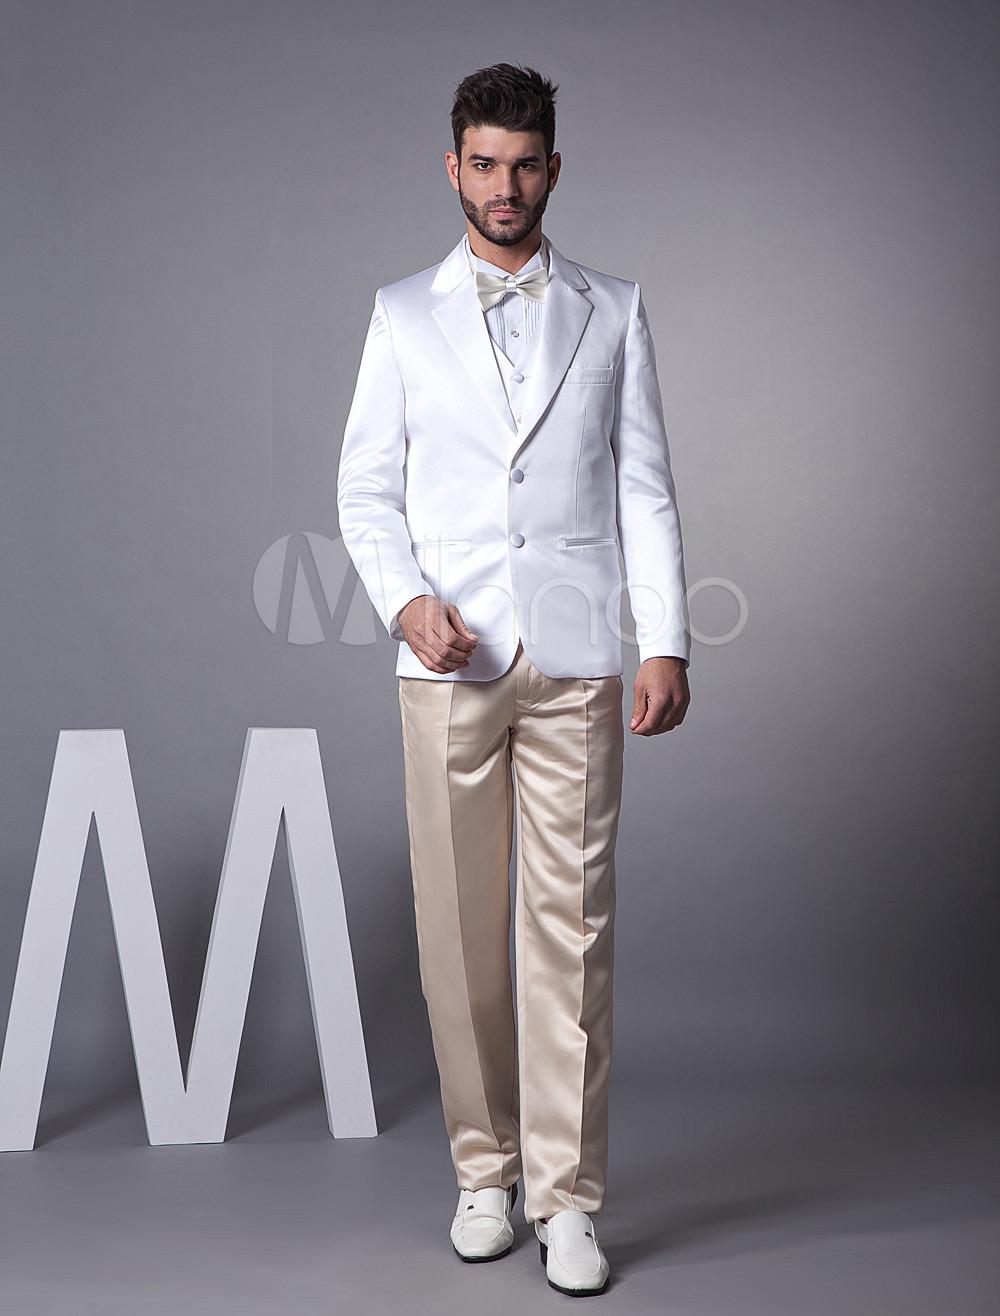 7ffa0d5c616c2 ... 新郎スーツ,タキシード ホワイト オーダーメイド可能 セット 結婚式スーツ ゥェディング パーティー -No. 12. 色  AddThis  Sharing Buttons